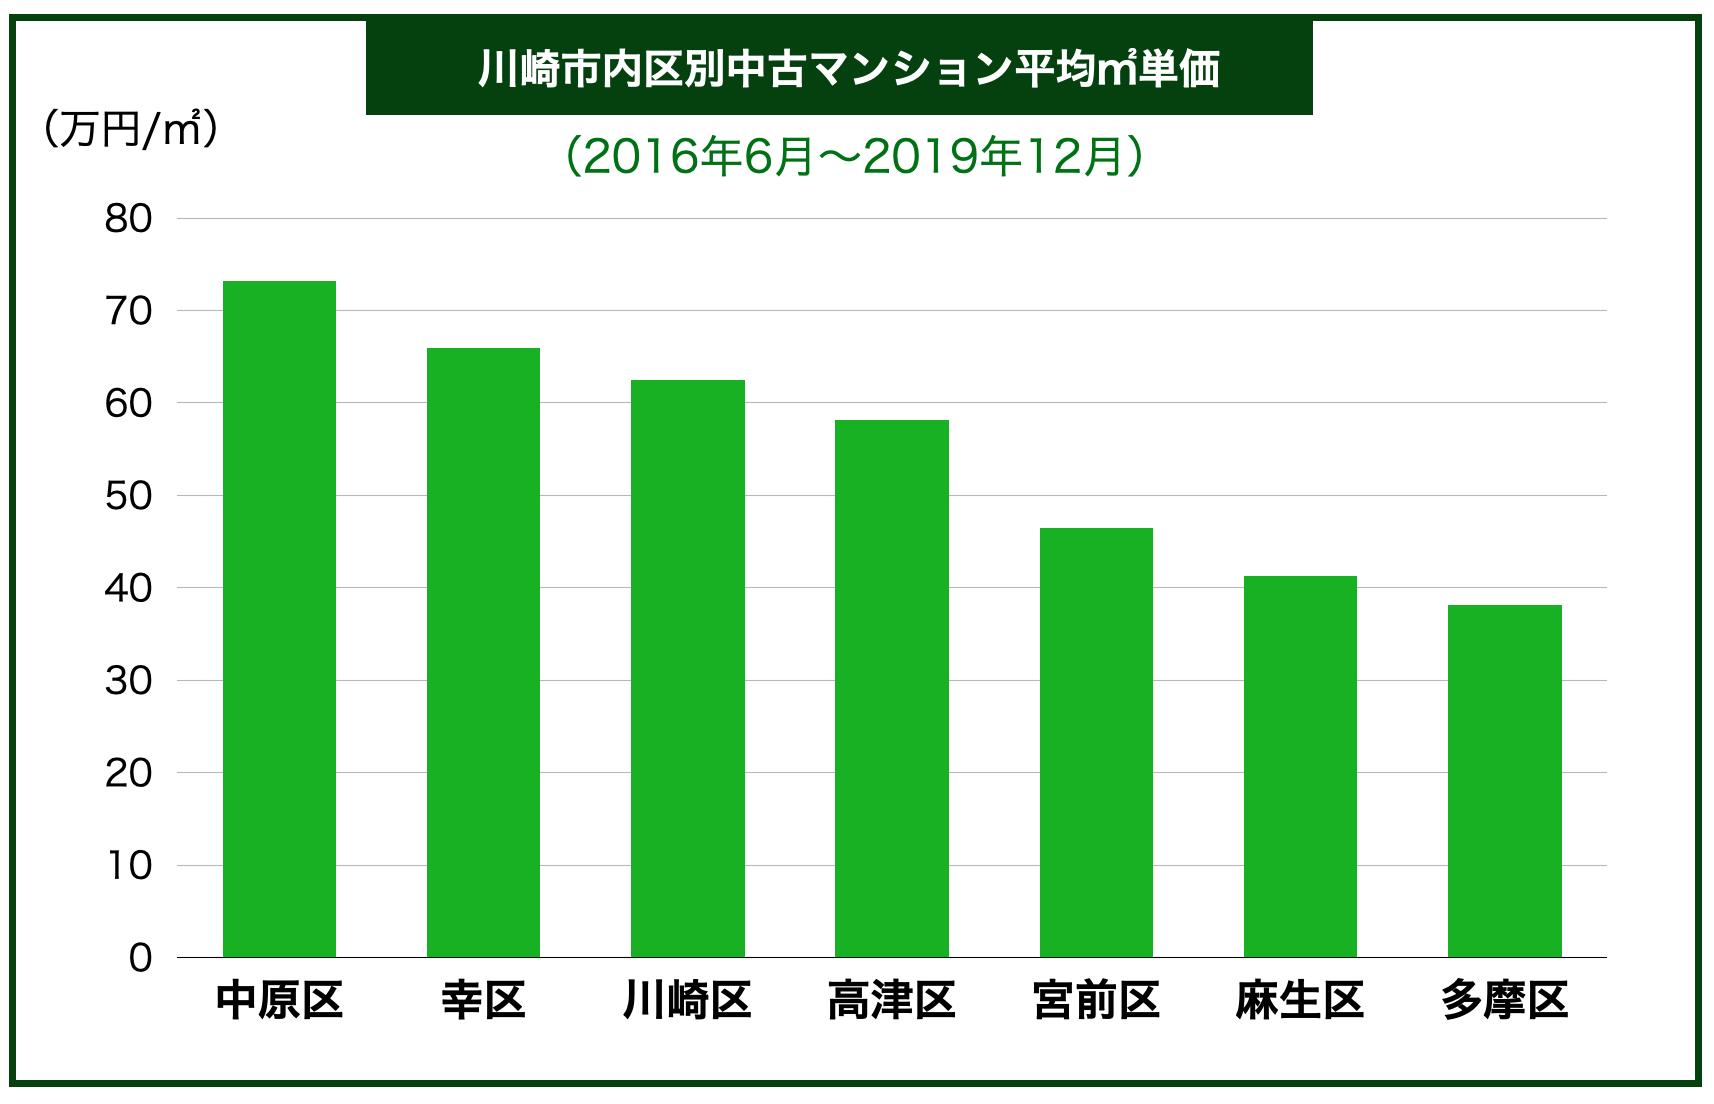 川崎市地域別中古マンション平均㎡単価